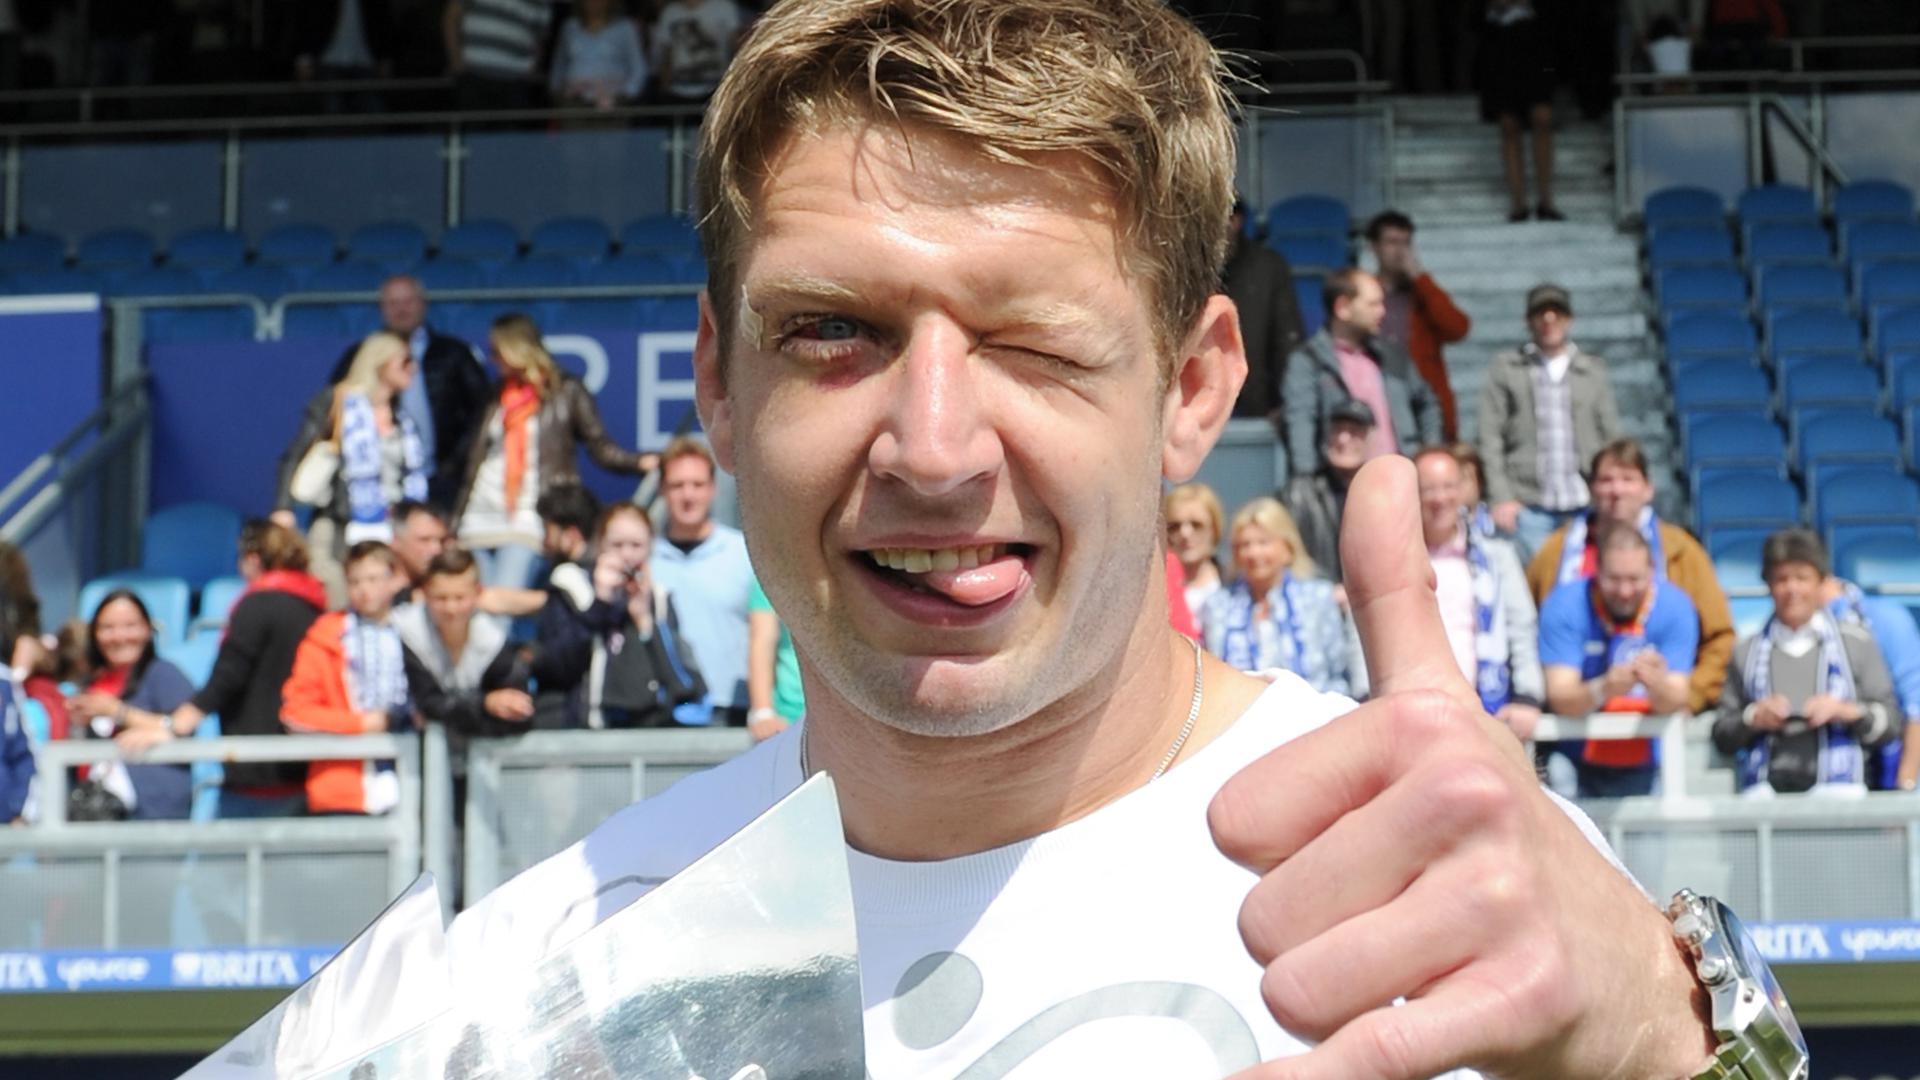 Ausrutscher als Aufsteiger: Die Spuren des Cuts über dem rechten Auge waren bei Dirk Orlishausen bei der Feier der Drittliga-Meisterschaft noch deutlich zu sehen.